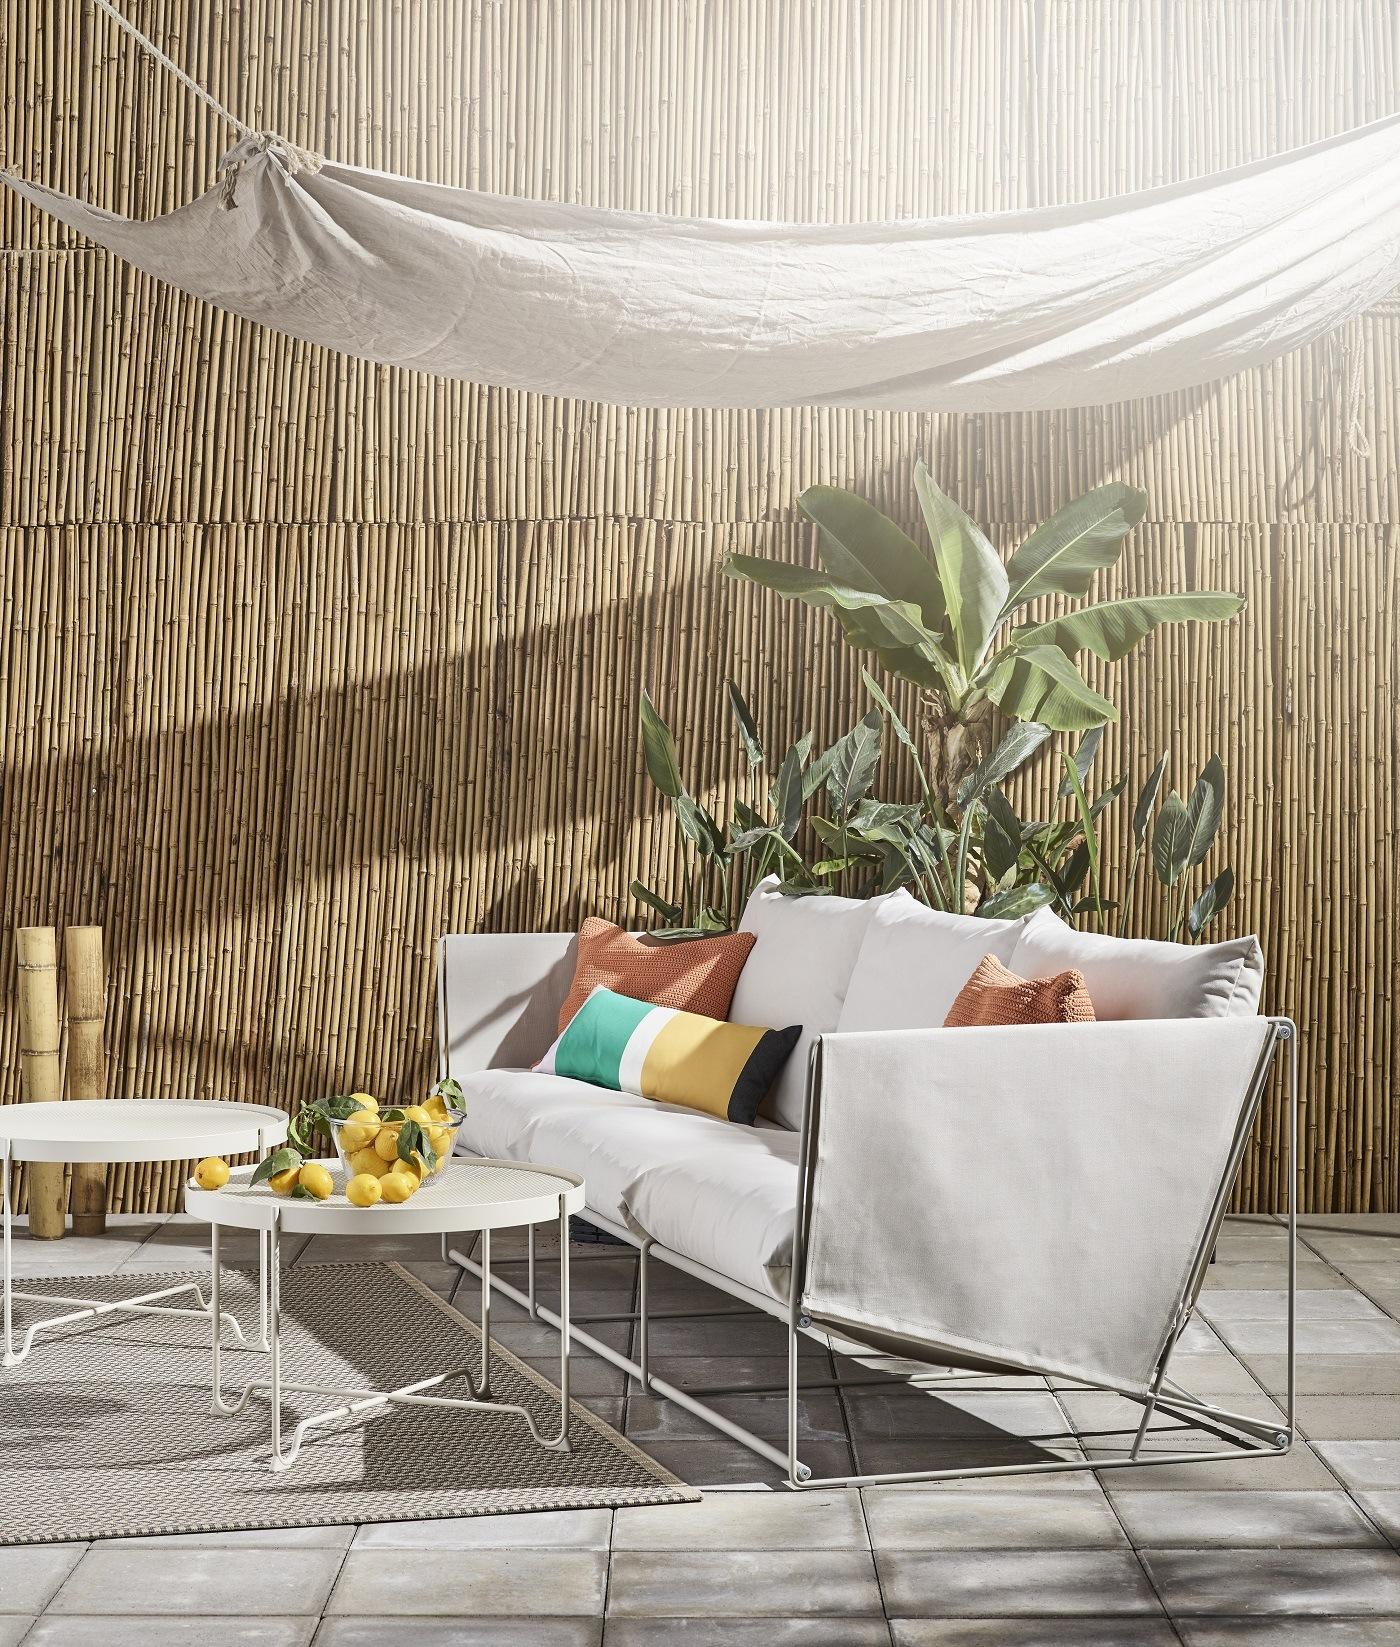 Gartenmöbel IKEA